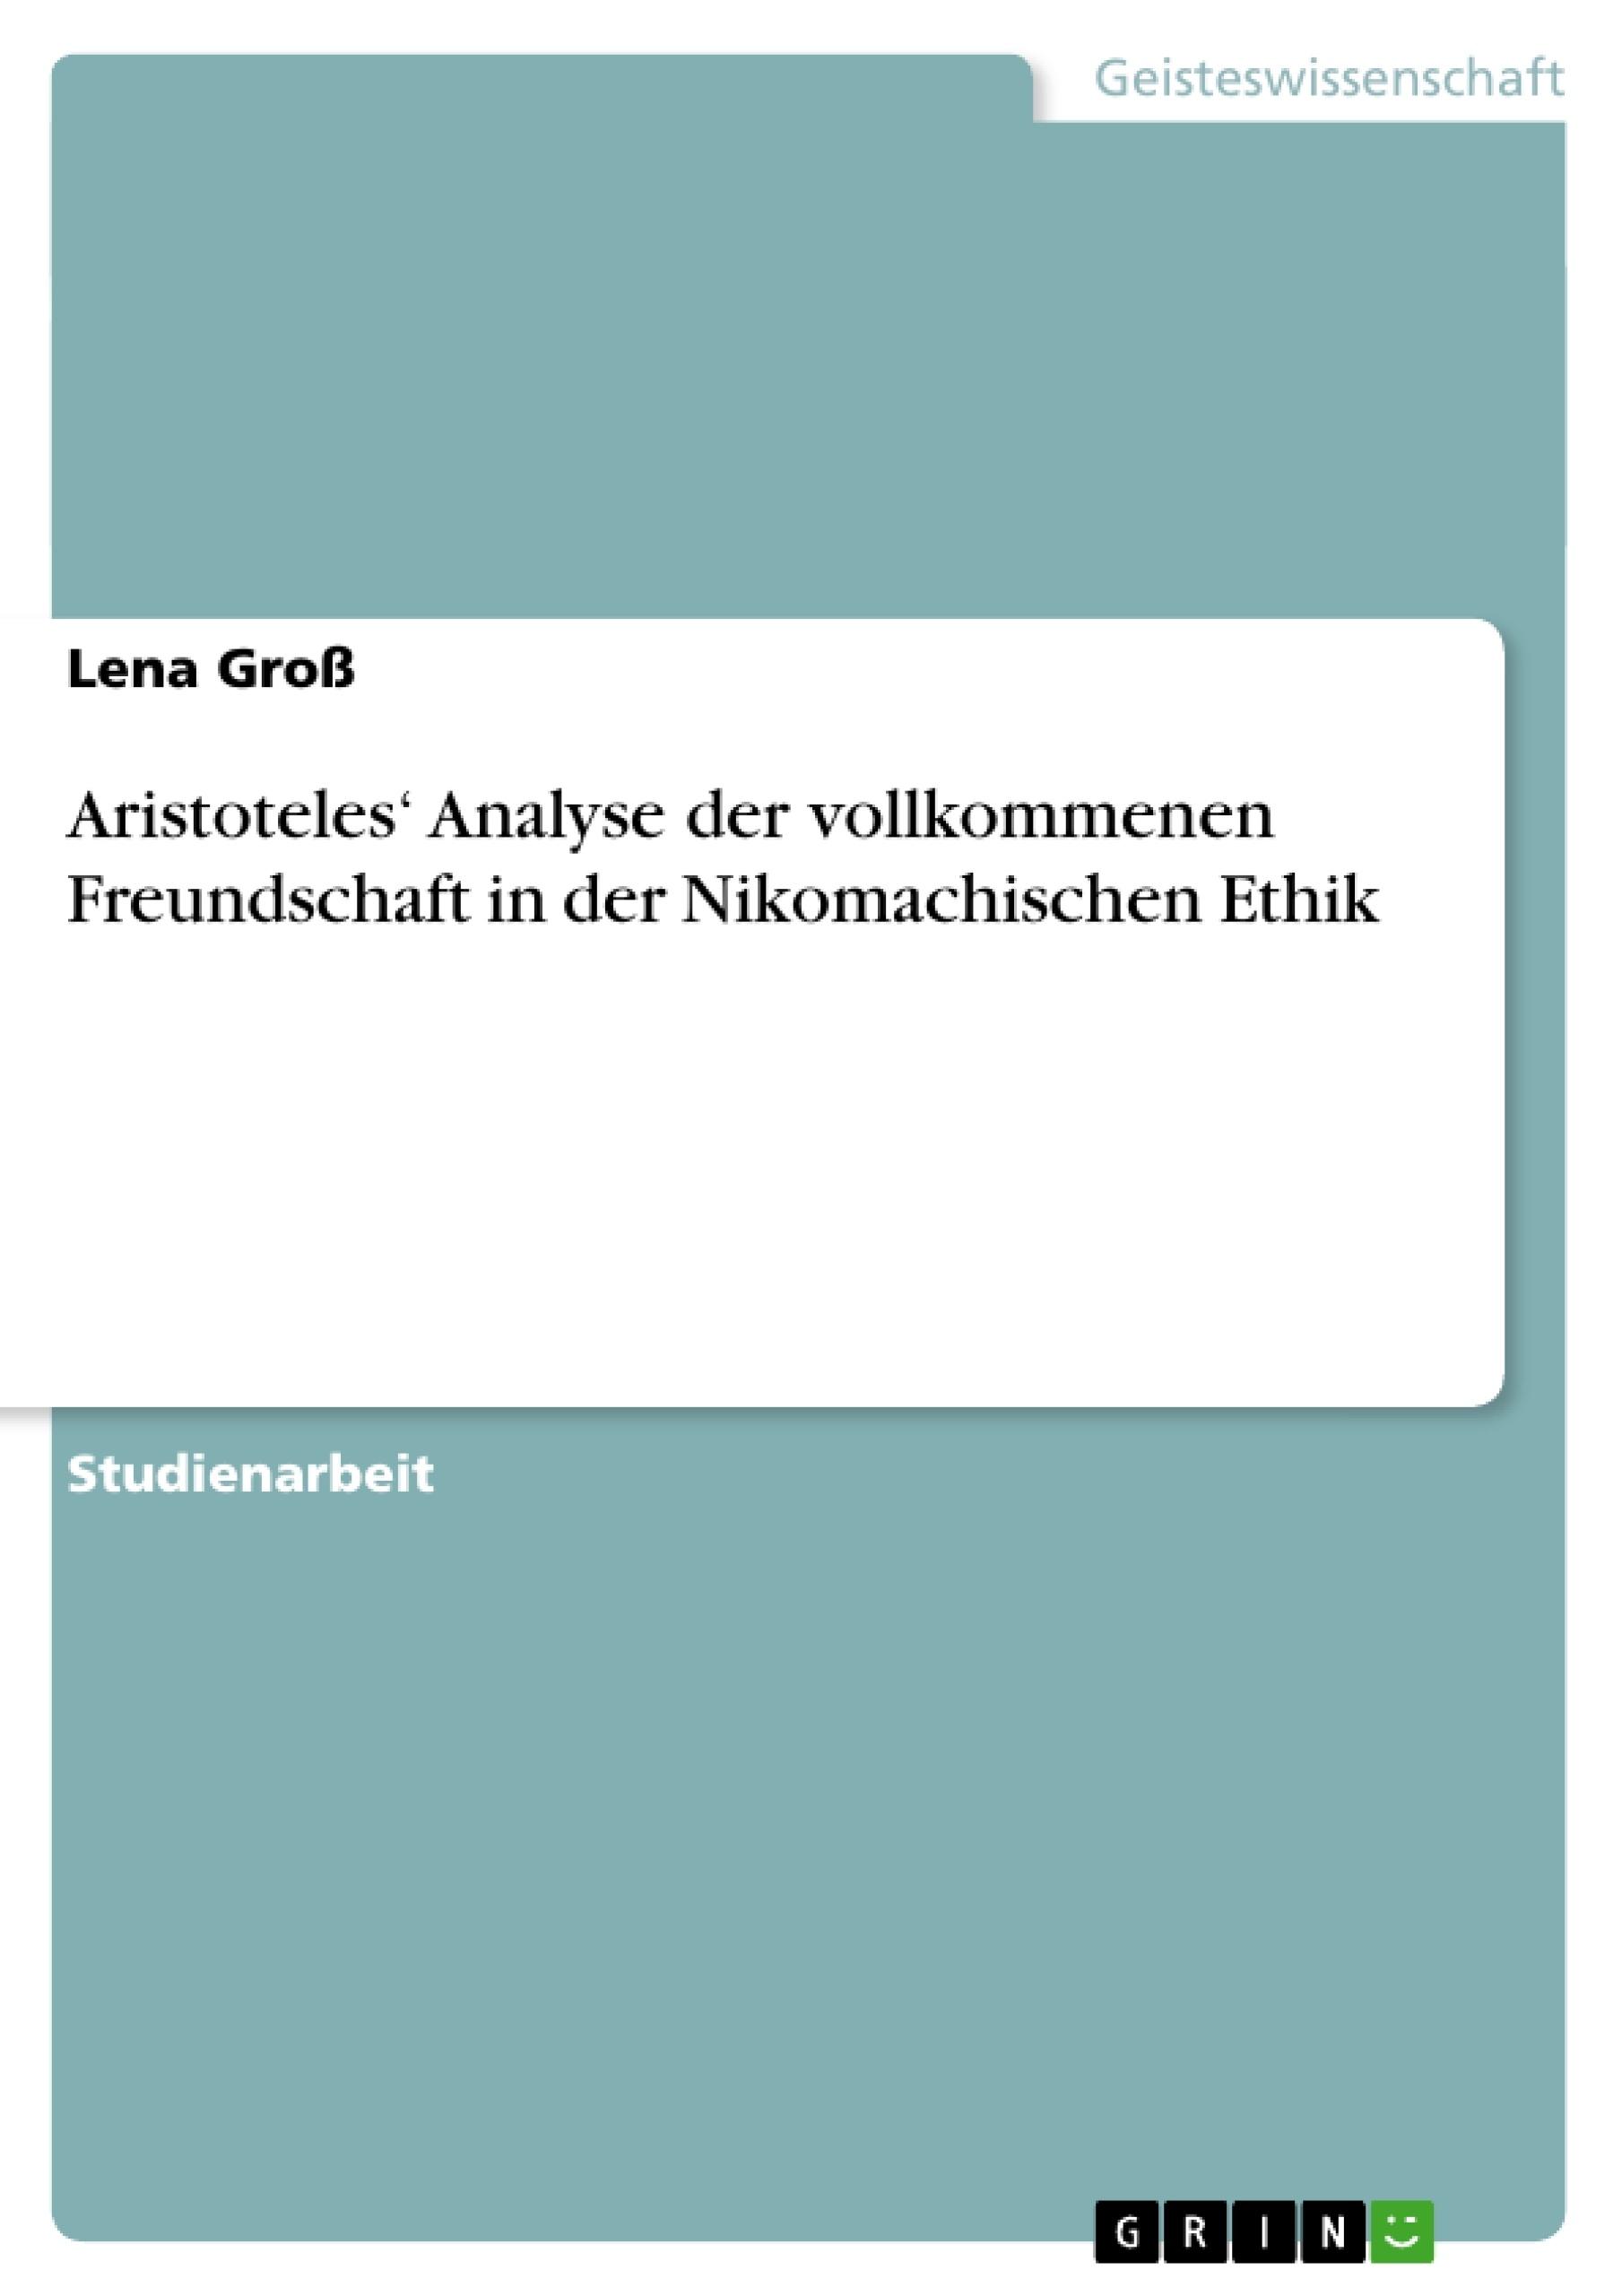 Titel: Aristoteles' Analyse der vollkommenen Freundschaft in der Nikomachischen Ethik